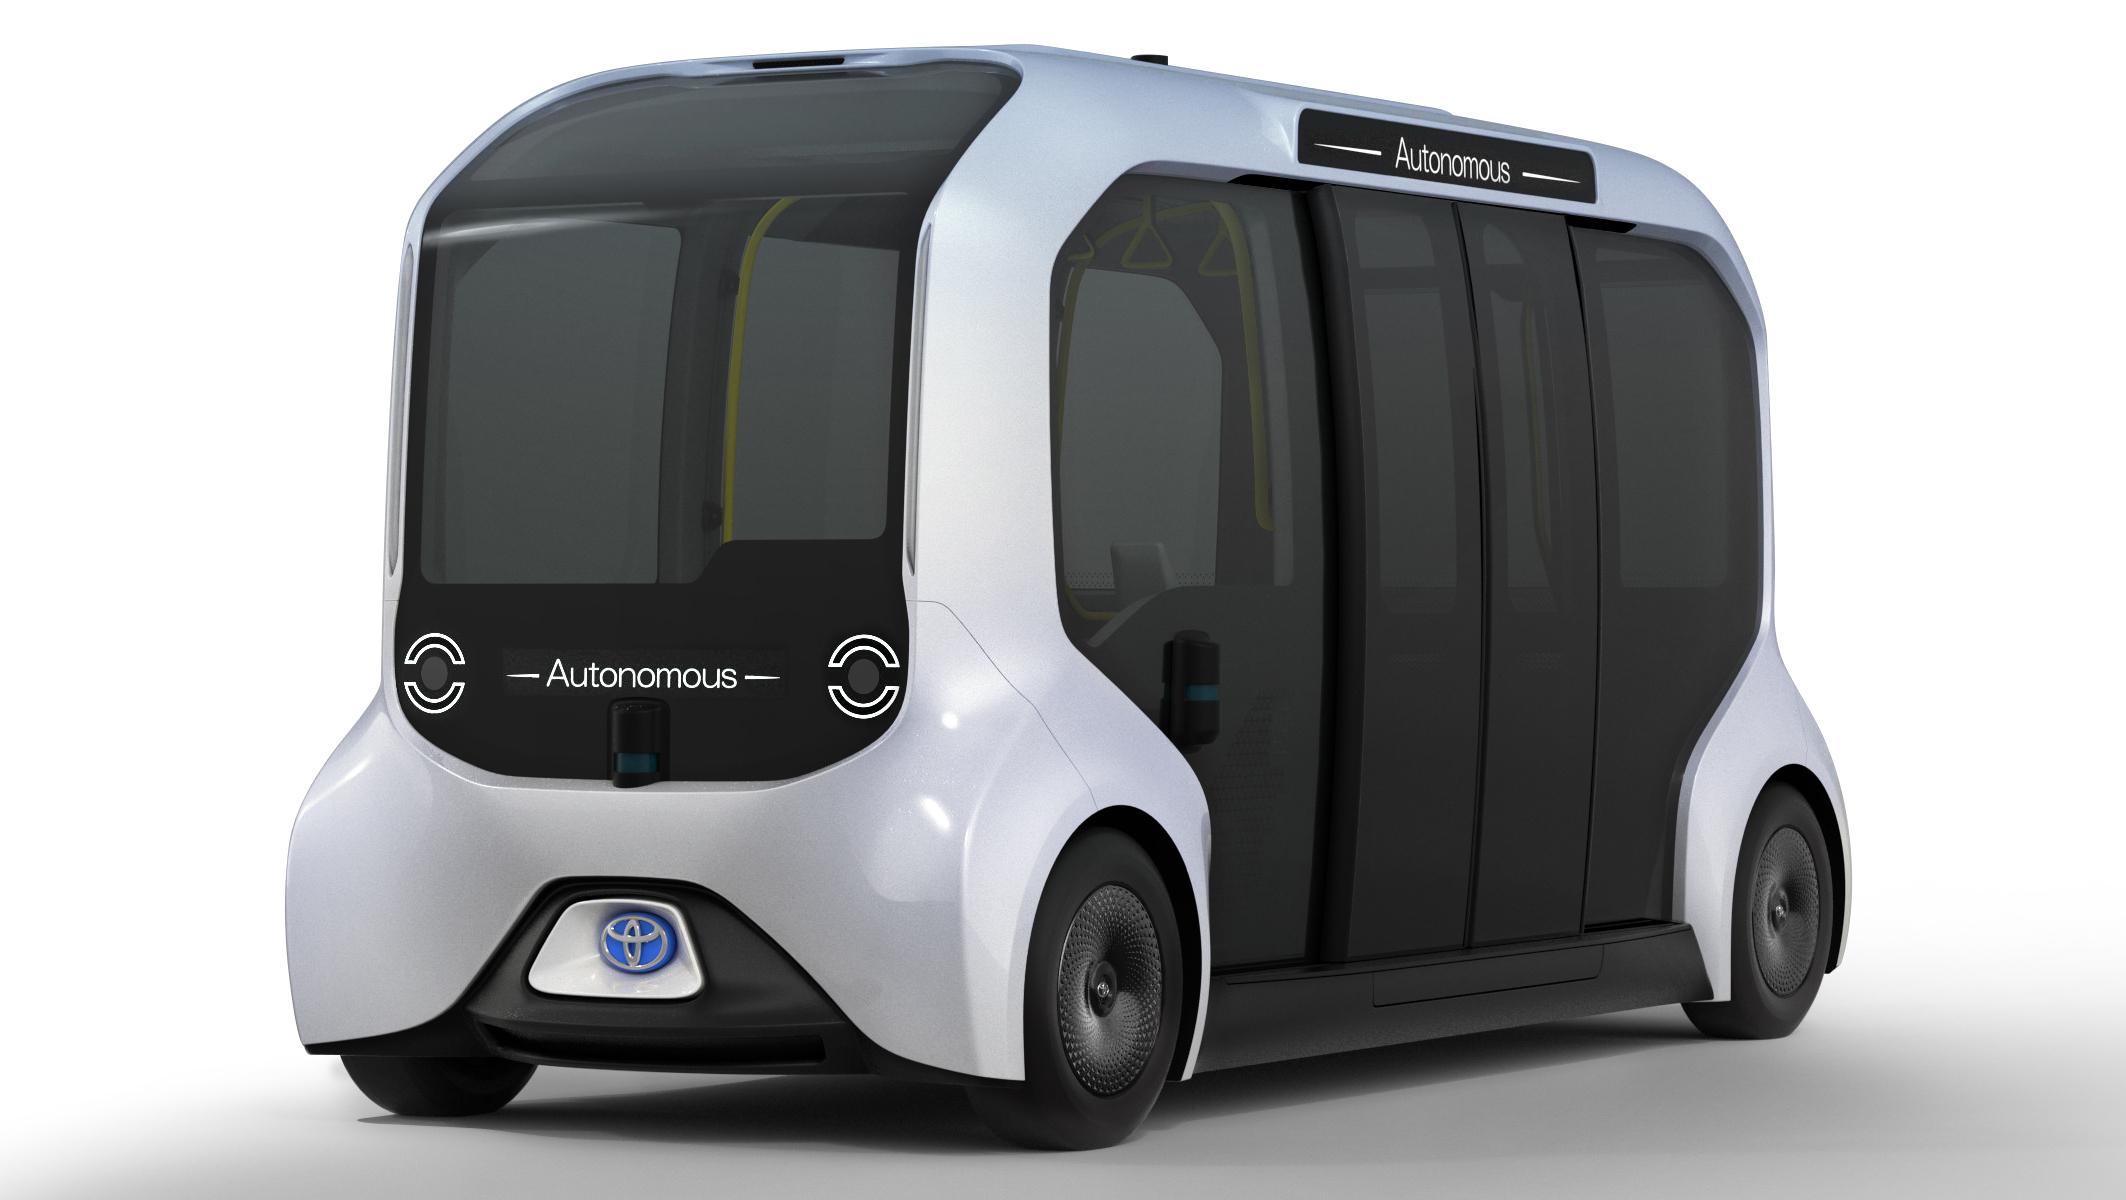 Toyota ra mắt mẩu xe điện mới tại Olympic 2020